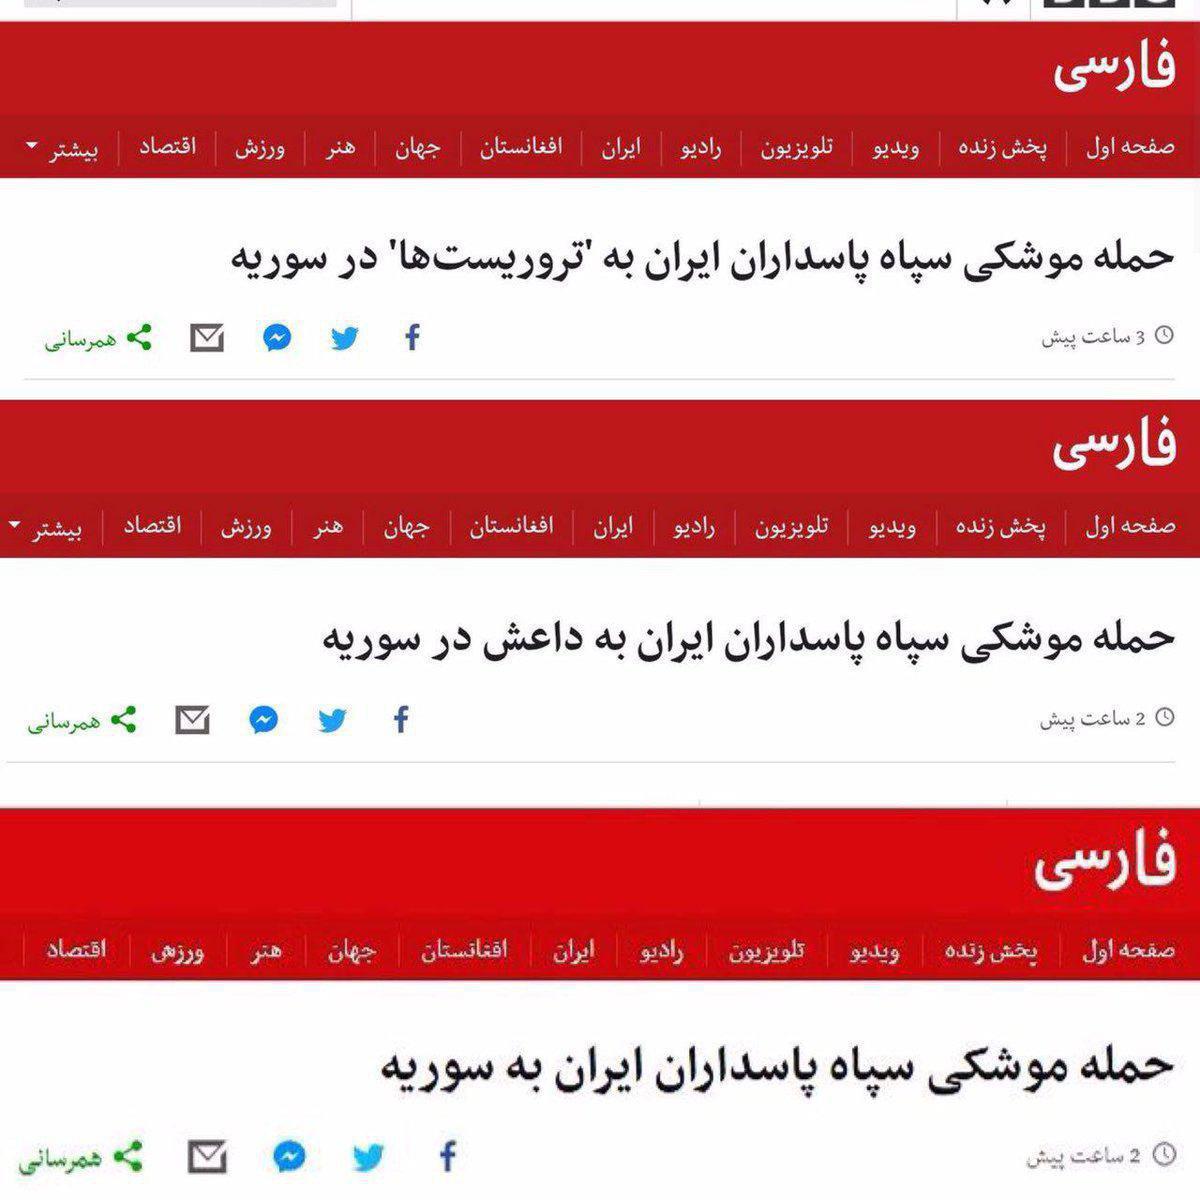 سه بار تغییر در تیتر بیبیسی فارسی پس از انتقام موشکی سپاه/عکس